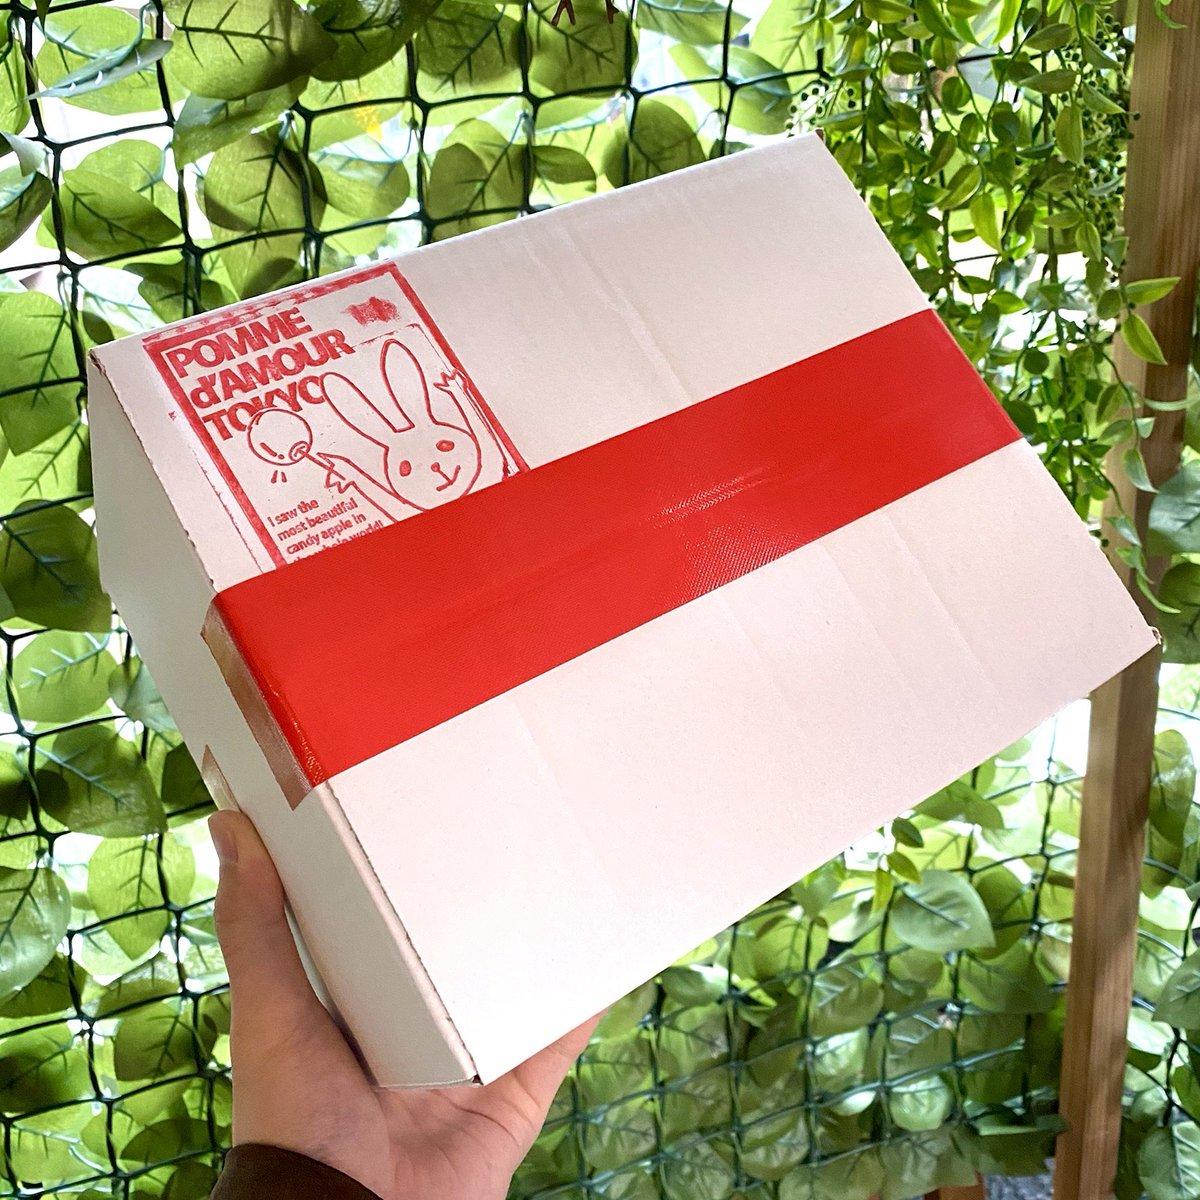 僕は「美味しいりんご飴をいつでも食べられる身近な物にしたい!」という思いと熱意でこの店を2014年に作りました。そこから6年、休むことなくたくさんのりんご飴をお届けしました。開業以来の緊急事態。いまこそ通販の封を切るときかもしれません。オンラインストア、近日中に公開します!代表ikeda